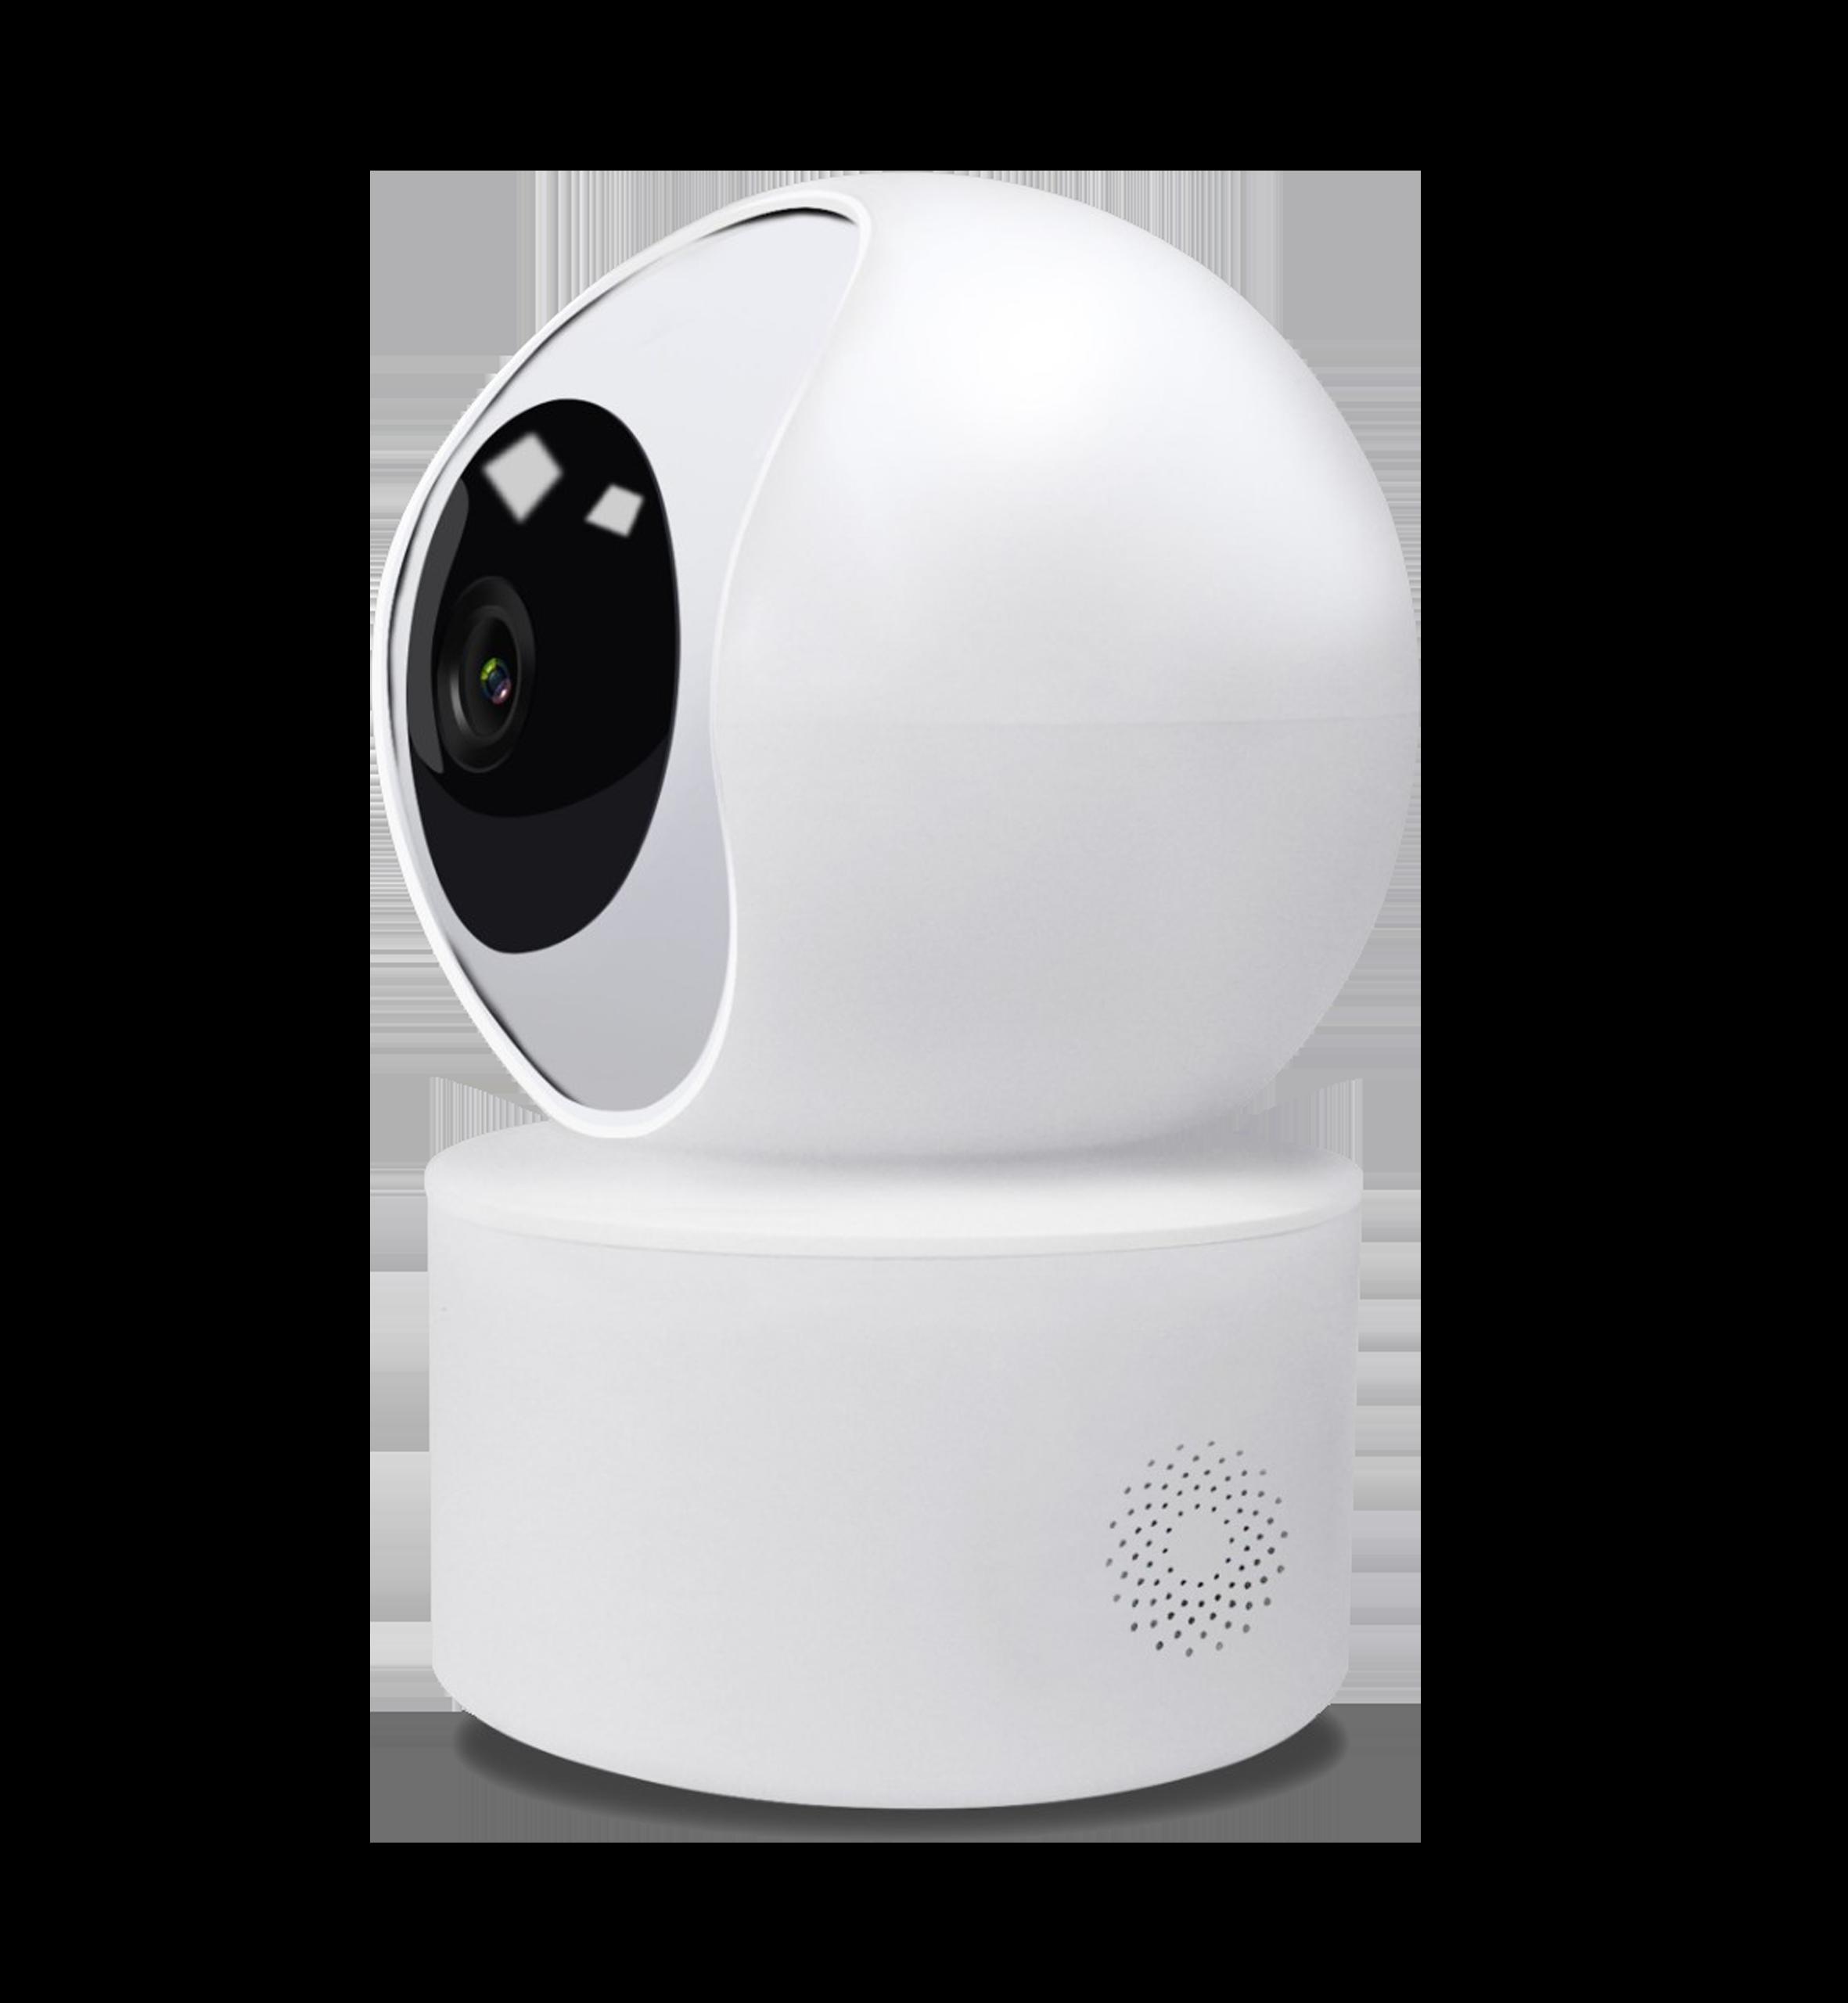 TẶNG THẺ 32GB ] Camera Wifi - Camera Ip Giám Sát Trong Nhà CareCam Độ Phân  Giải 2.0Mpx - Xoay 360 Độ Theo Chuyển Động - Chính Hãng | Camera IP